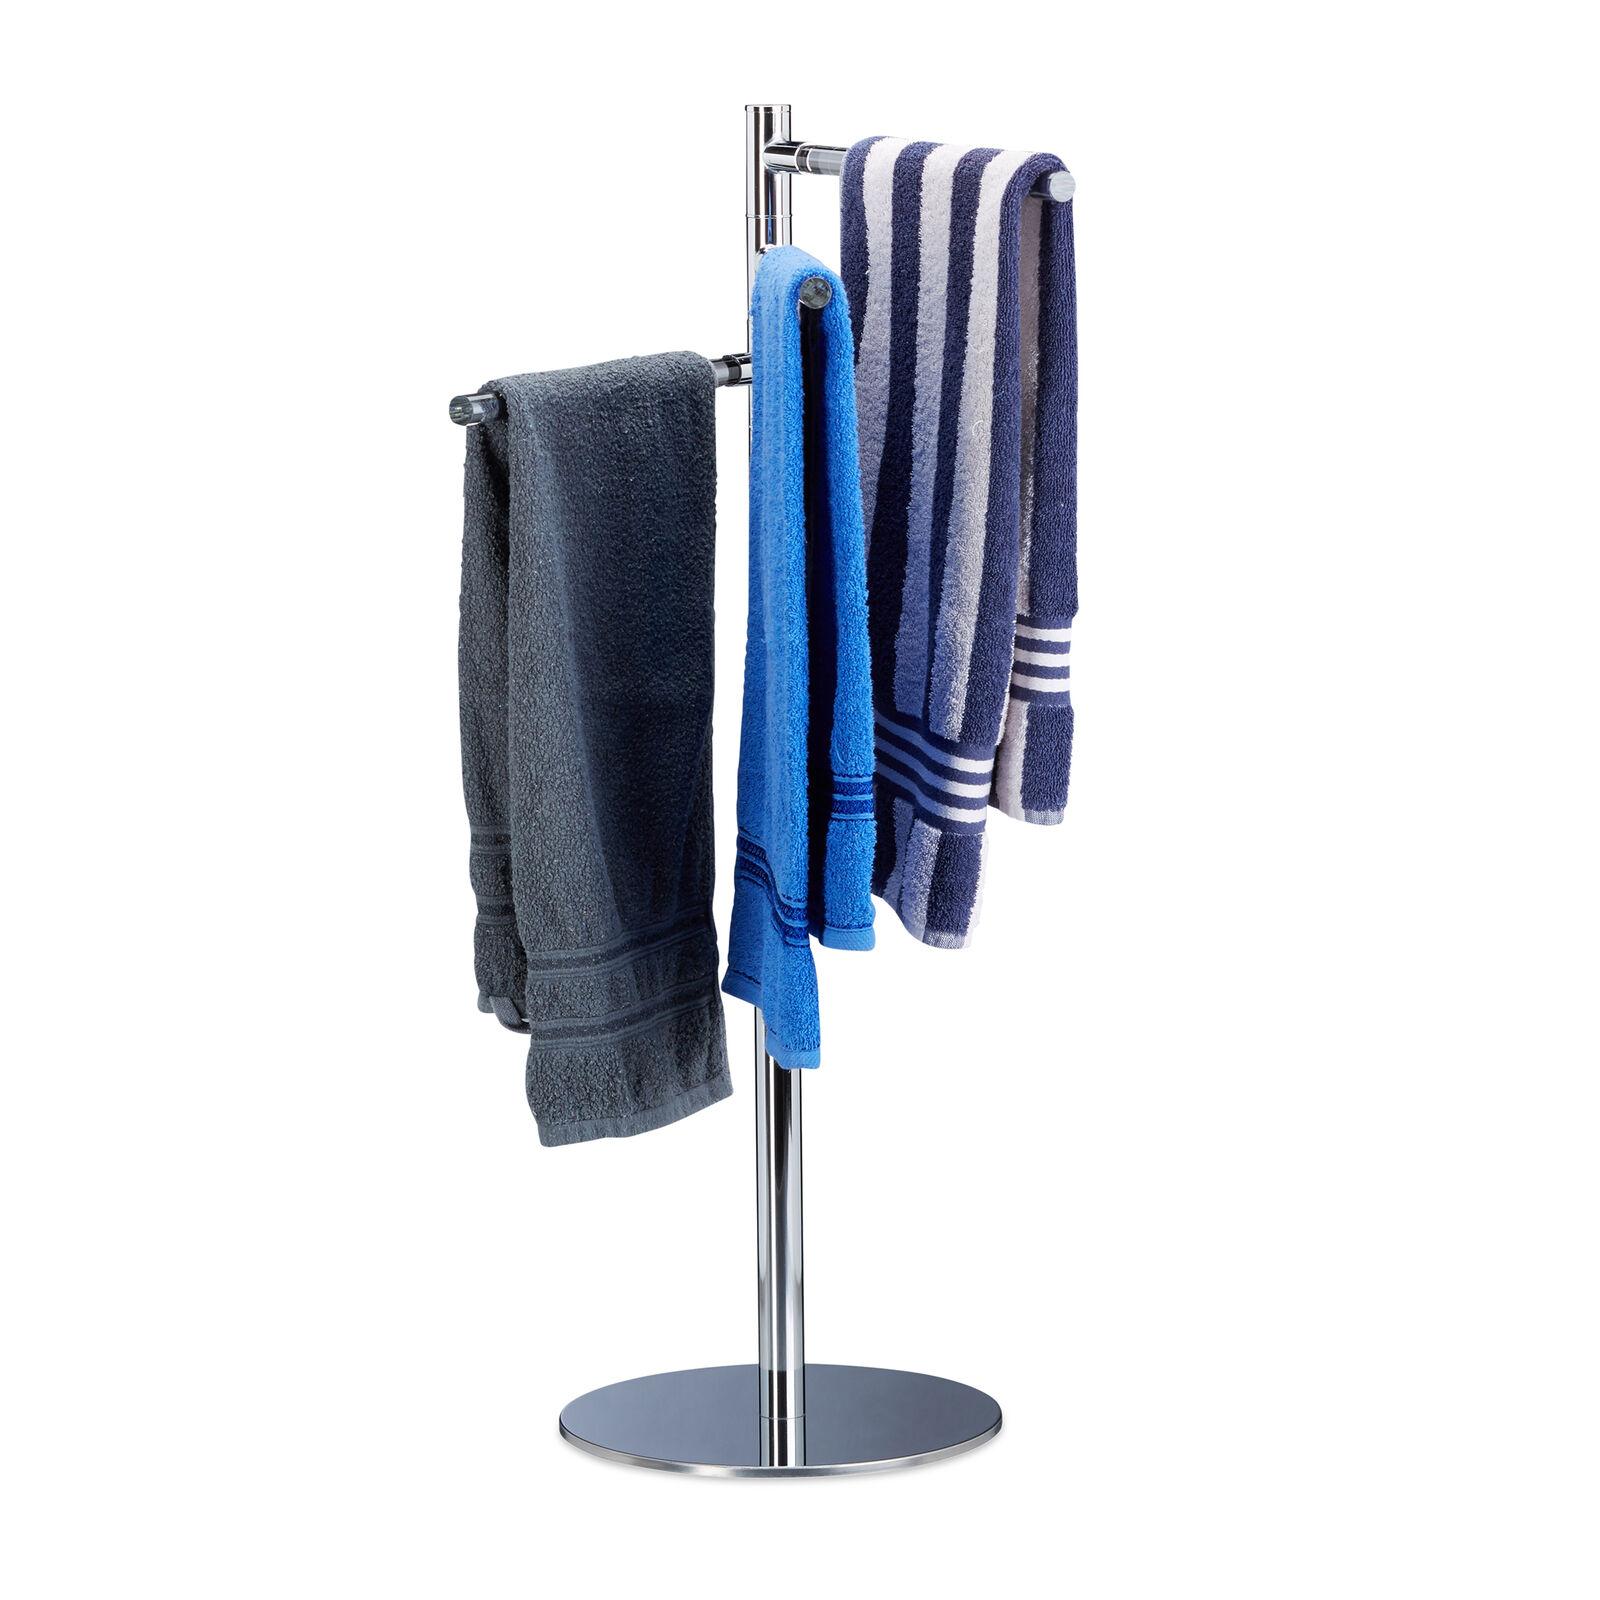 Handtuchhalter freistehend Handtuchständer Handtuchstange Badetuchhalter Metall